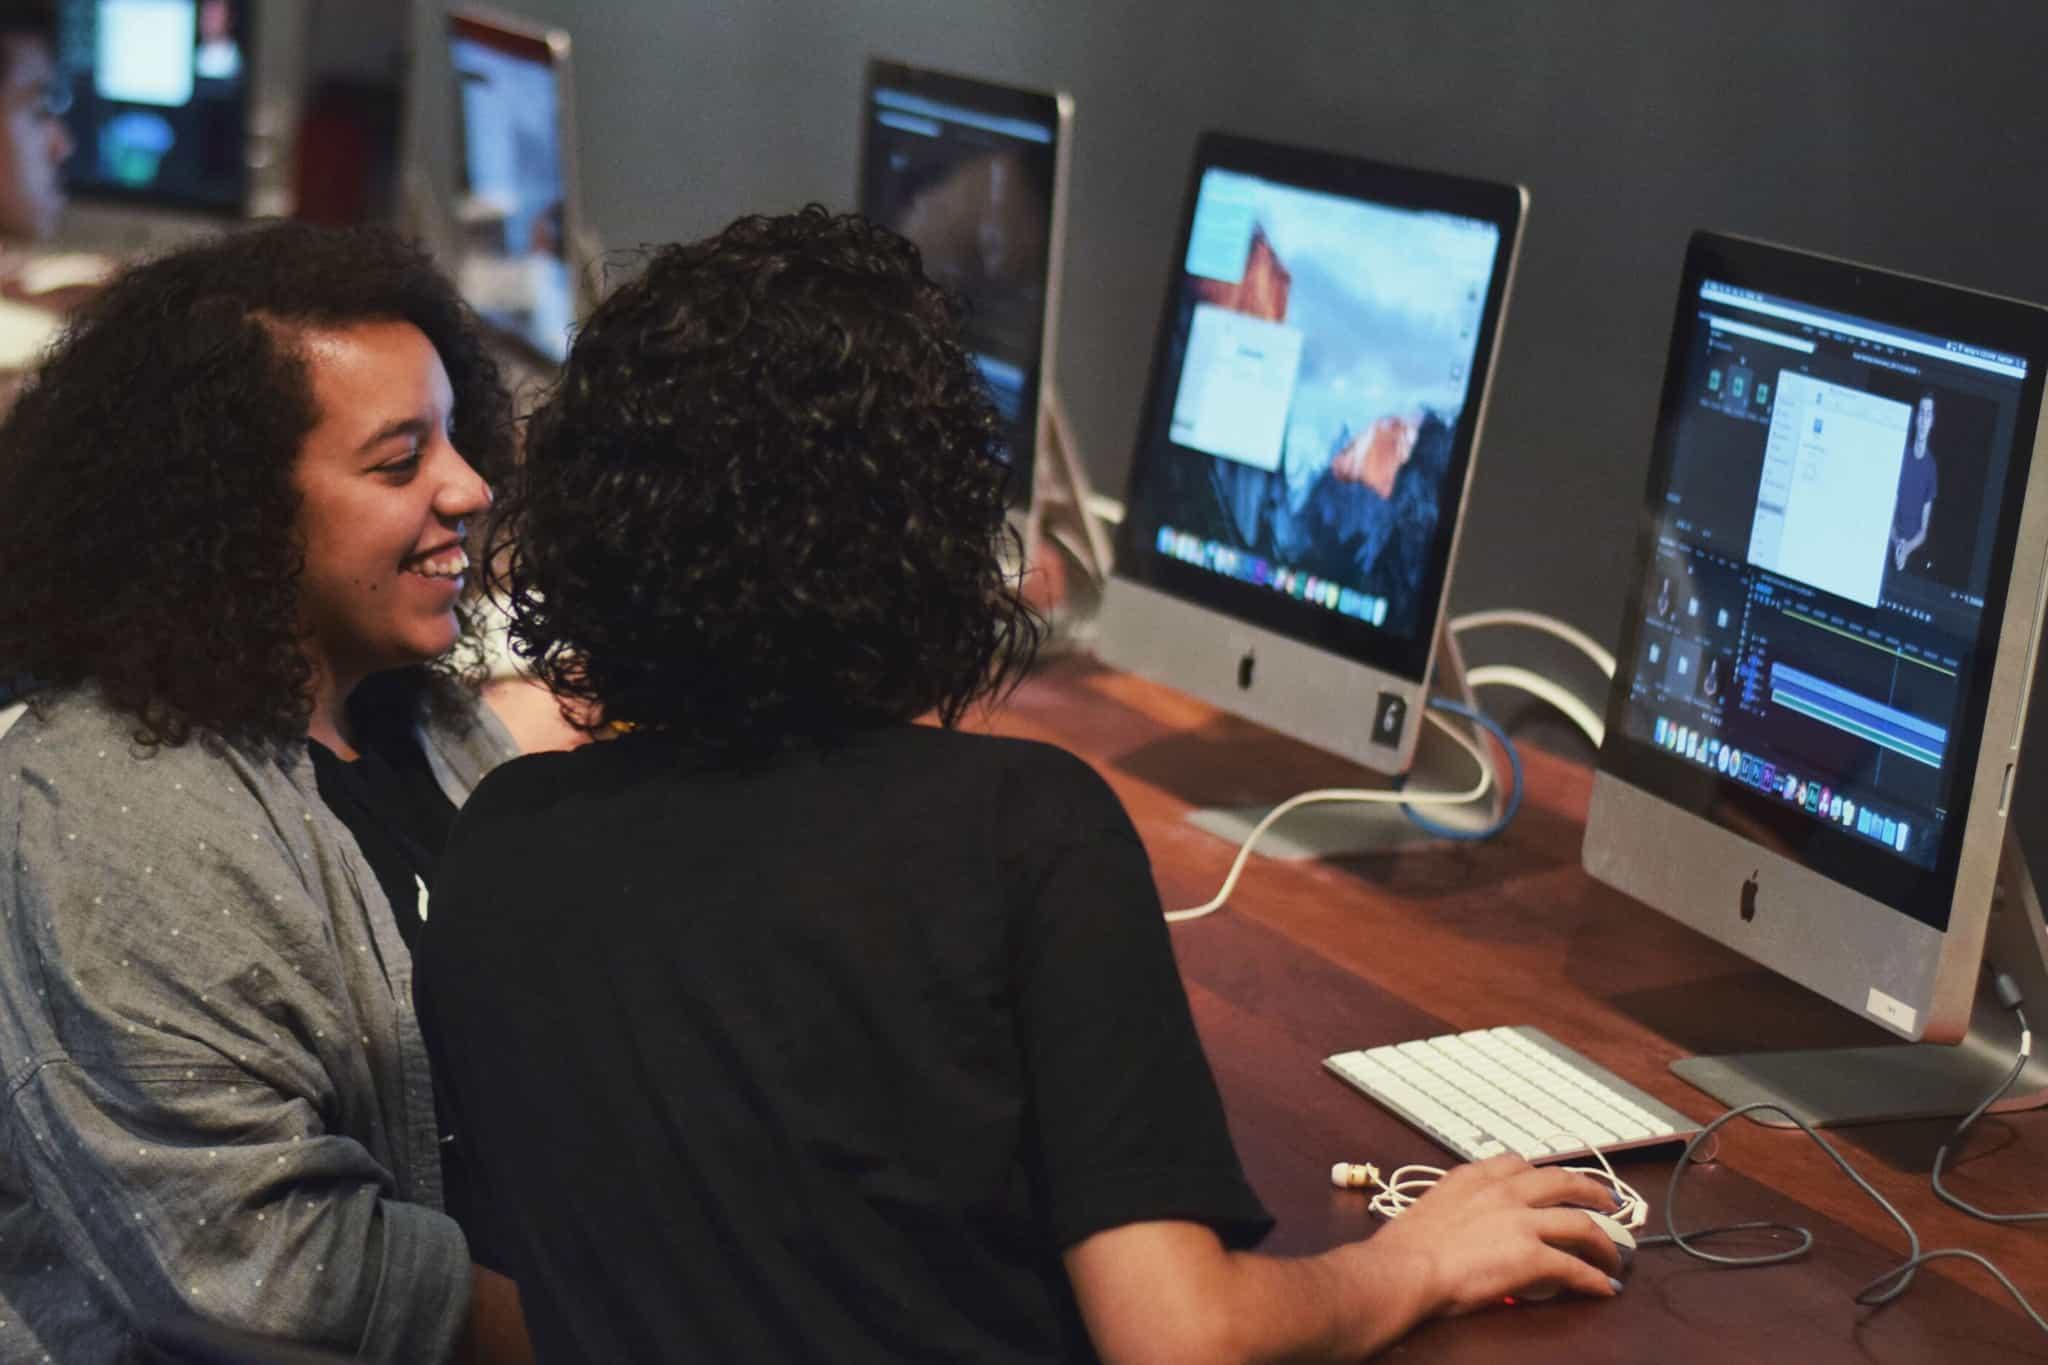 sala de formaçao com alunos no computador